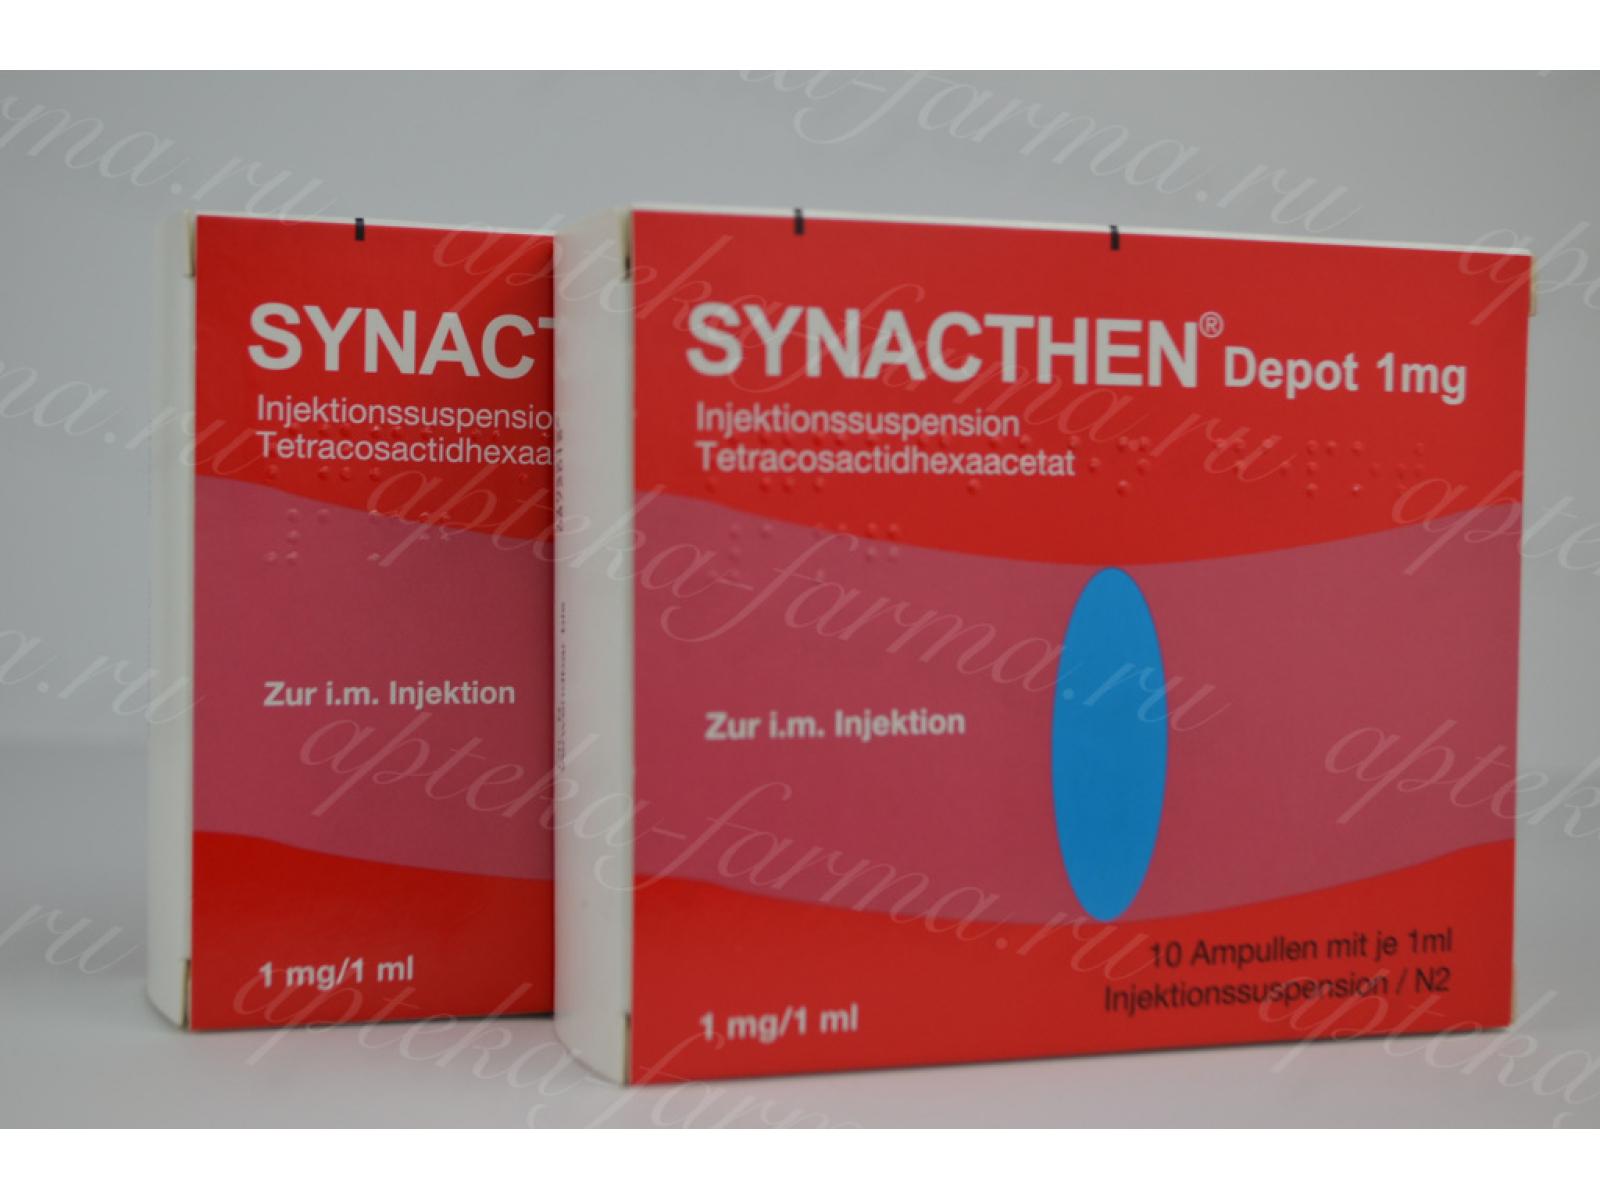 Синактен депо - инструкция по применению, цена, аналоги, дозировка для взрослых и детей